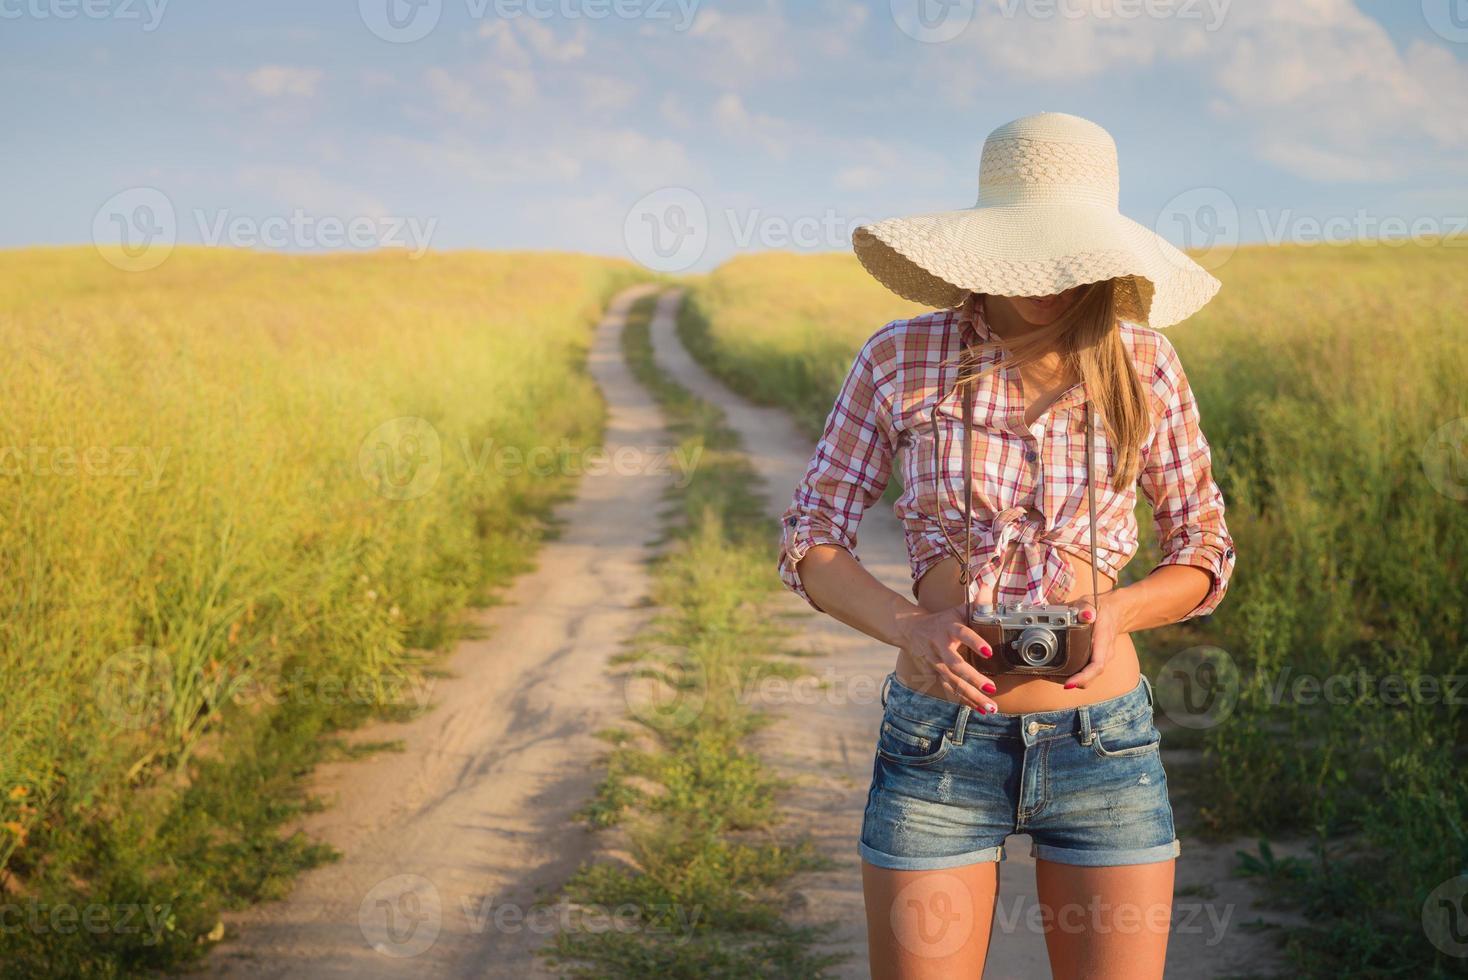 ritratto all'aperto di giovane donna attraente con fotocamera retrò foto